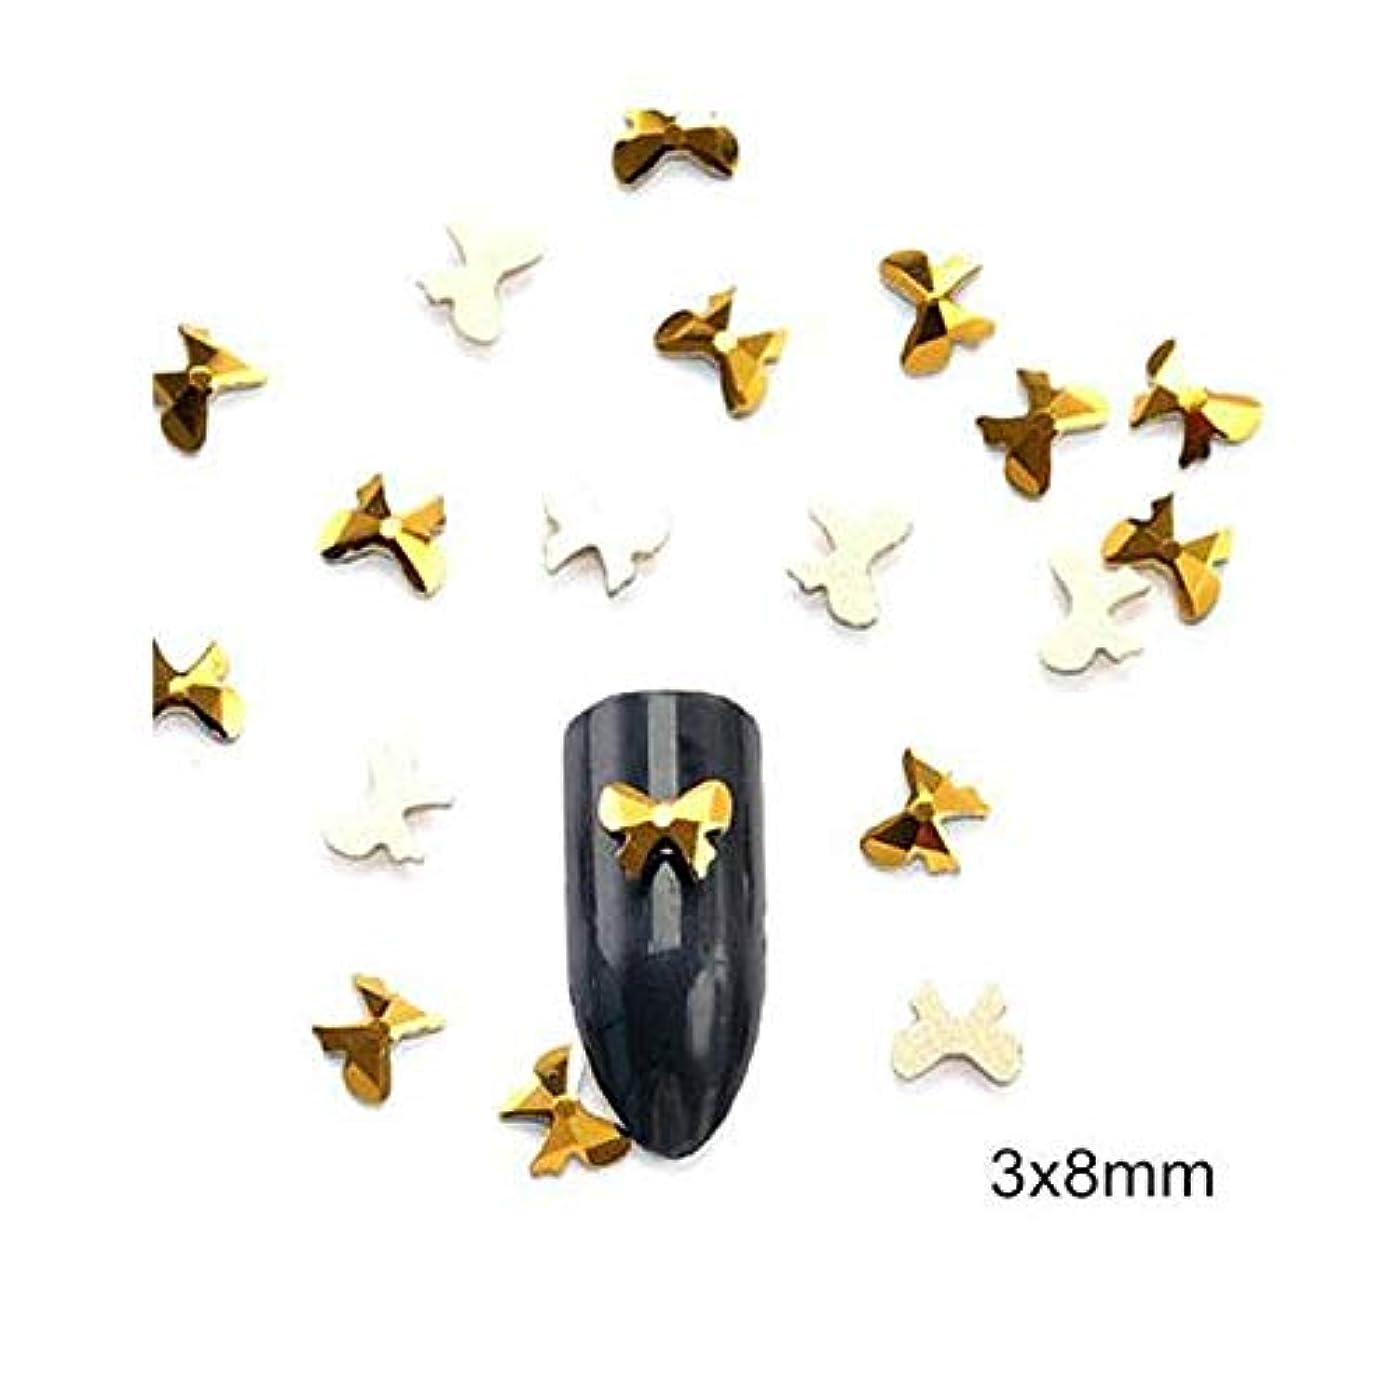 チャートデコラティブマトンFlysea ダイヤモンドゴールド完全な形のネイルステッカースーパーフラッシュネイルジュエリーフラットドリルはネイルズアートの装飾結晶が設定したドリル(12グリッドボックス) (色 : Bow 10PCS)